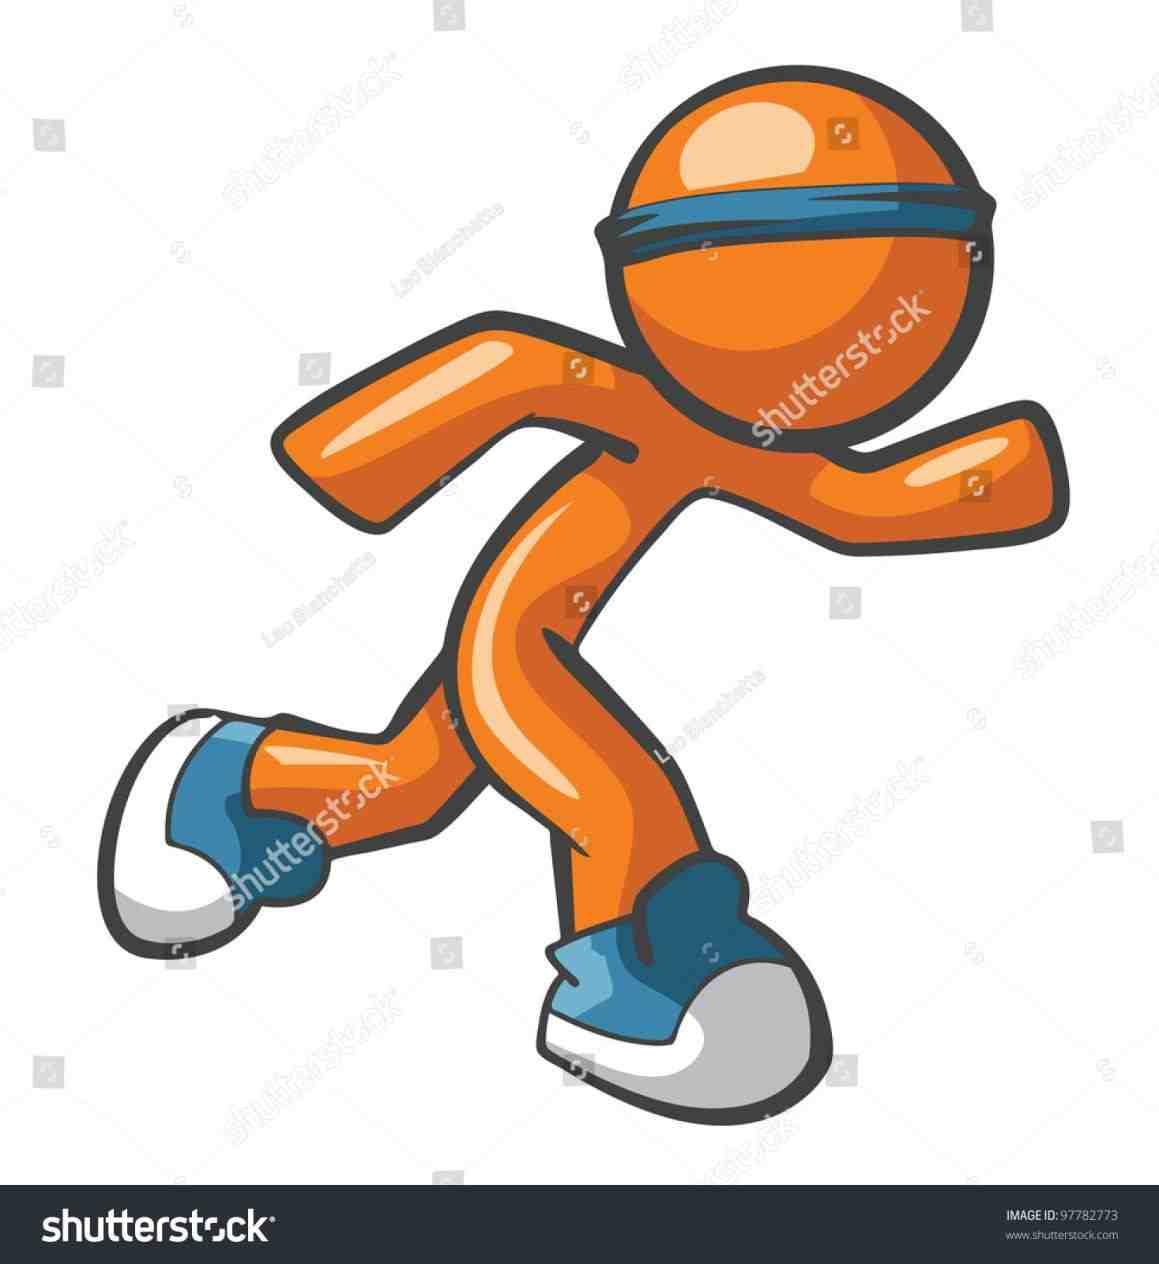 1159x1264 Running Basketball Clipart Htdevesign